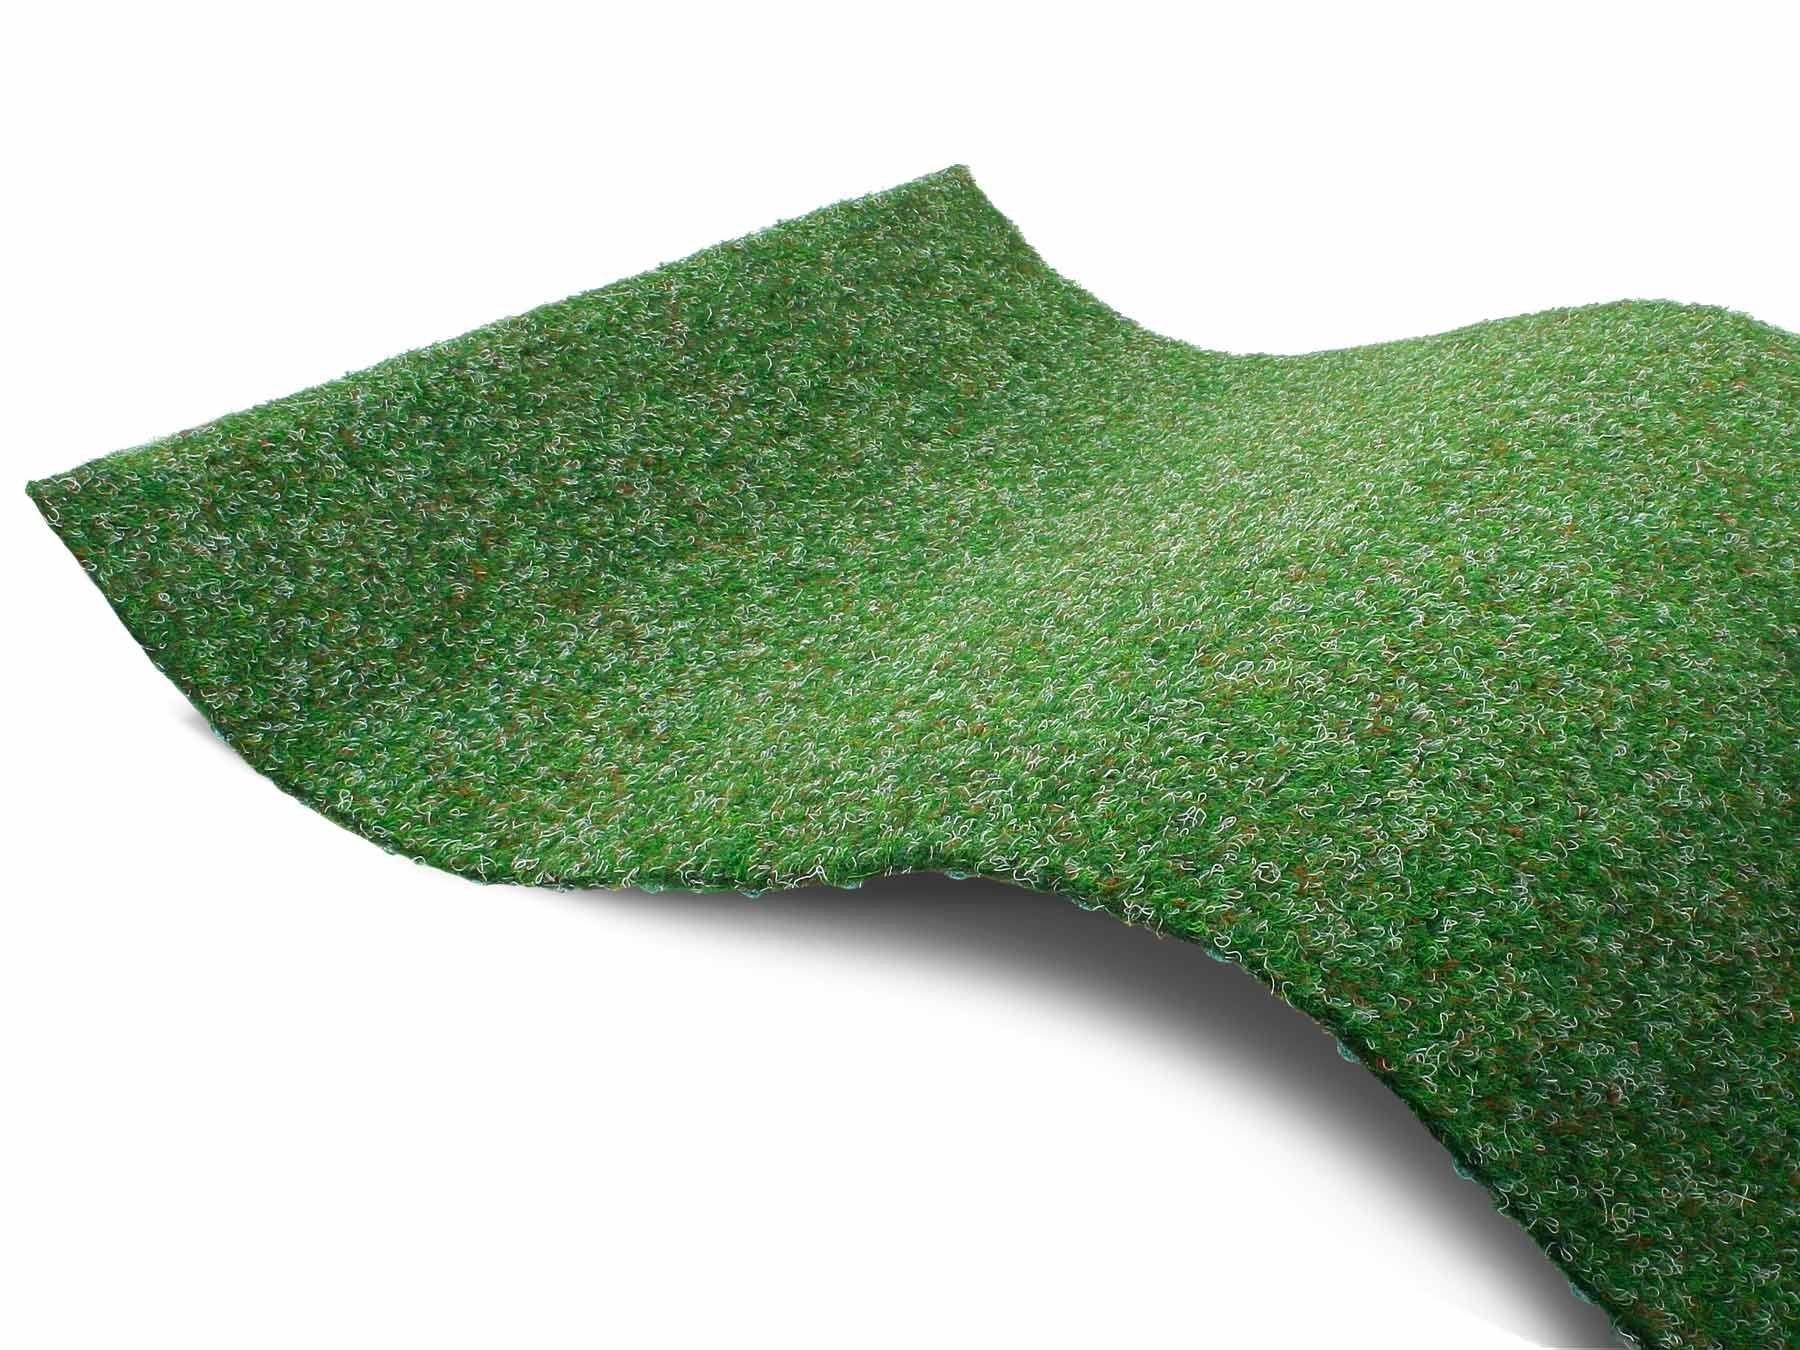 Primaflor-Ideen in Textil Kunstgras Green Kunstgras-vloerkleed, groen, met noppen, slijtvast, weerbestendig, geschikt voor binnen en buiten - gratis ruilen op otto.nl